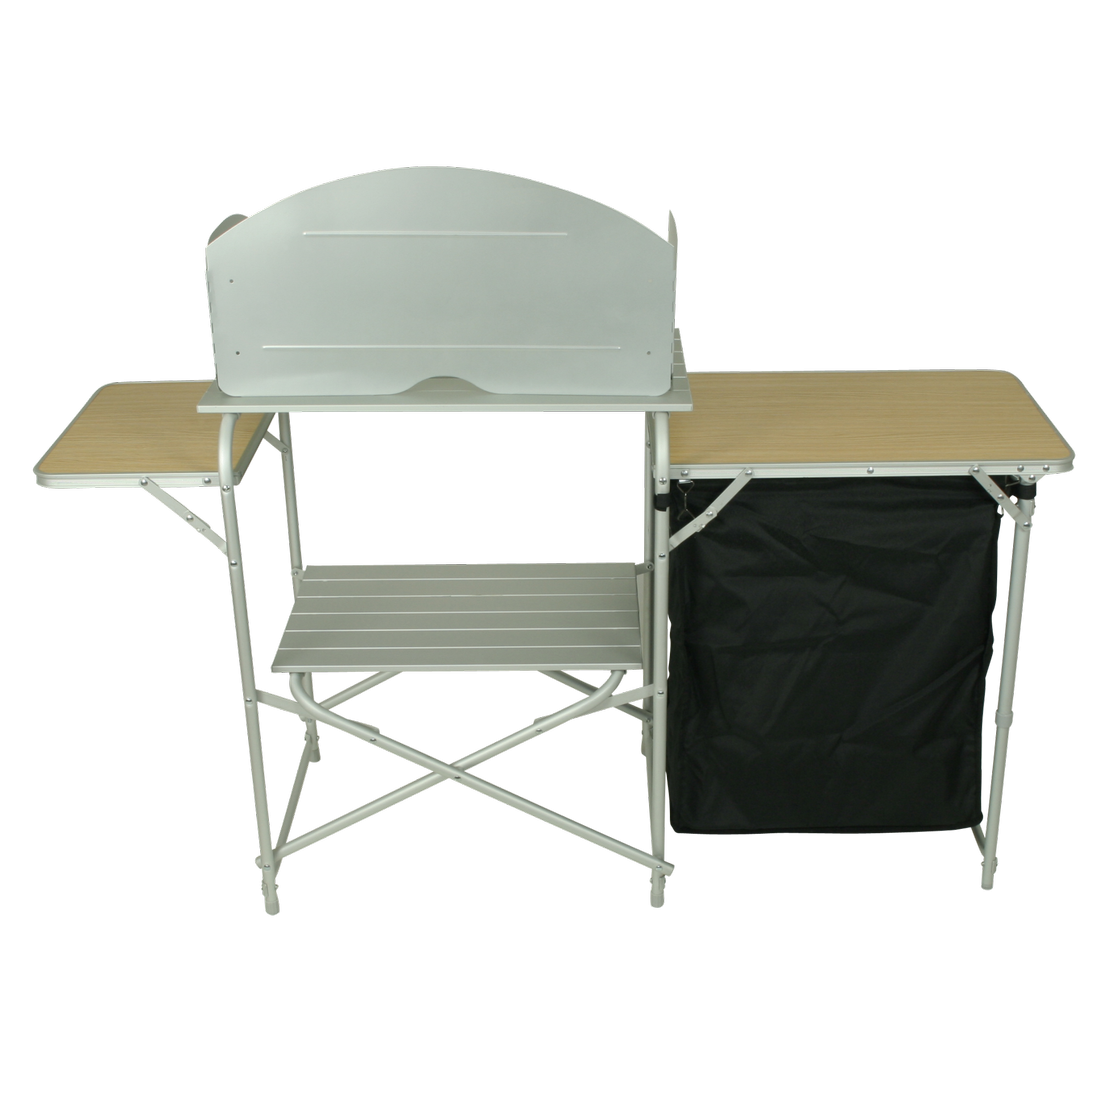 10t Kitchenette Cuisine De Camping 3 Compartiments